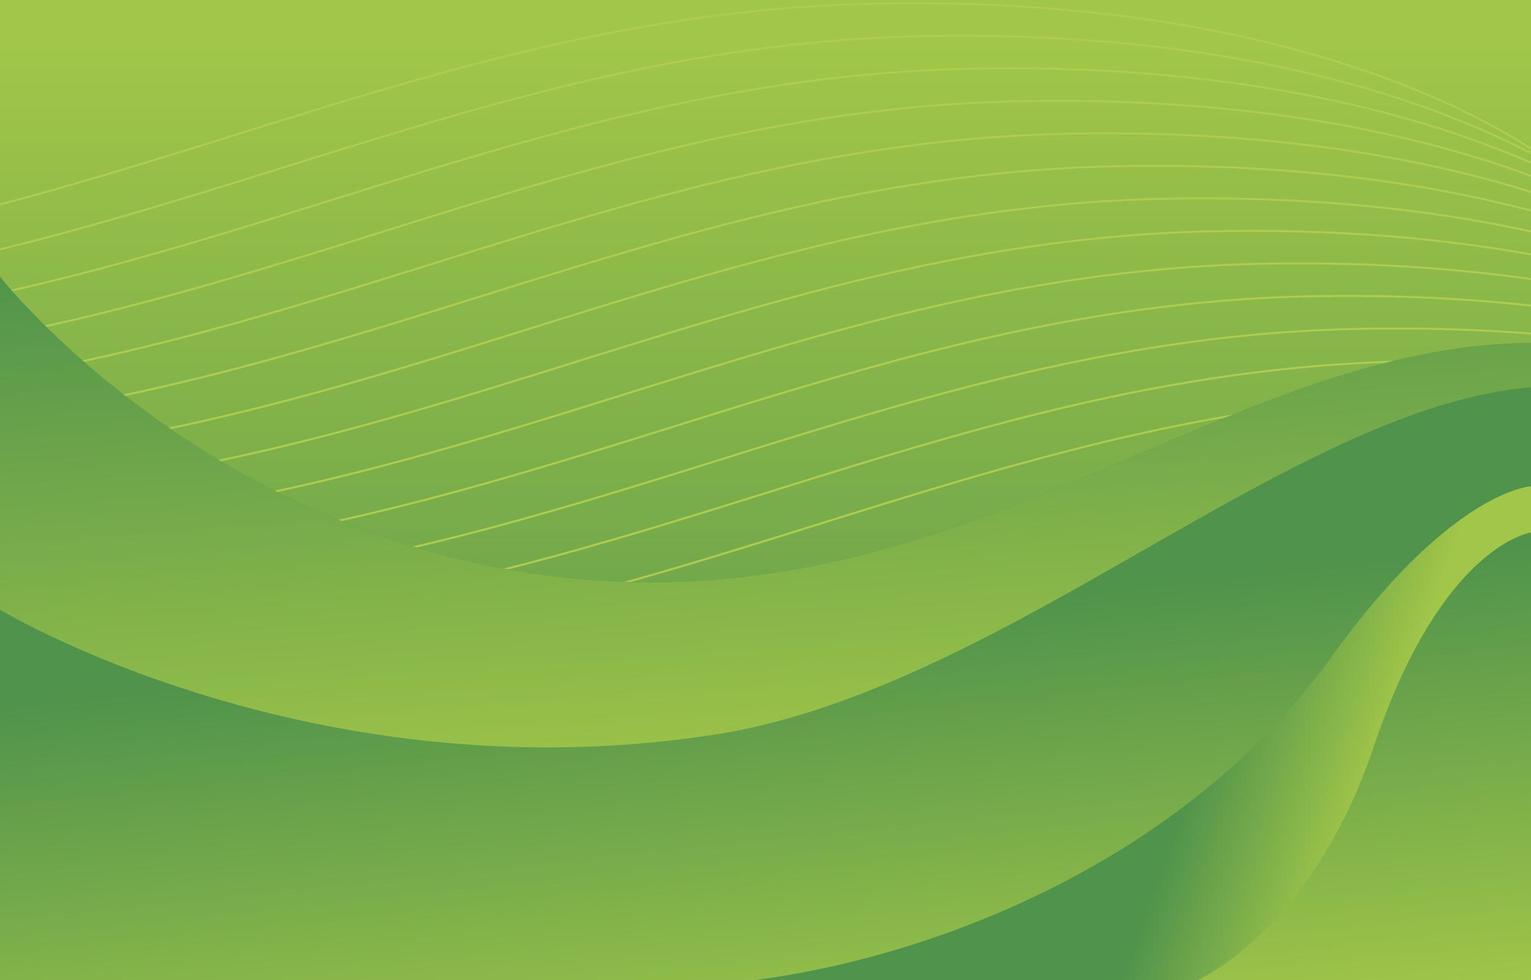 grüner abstrakter Wellenhintergrund vektor